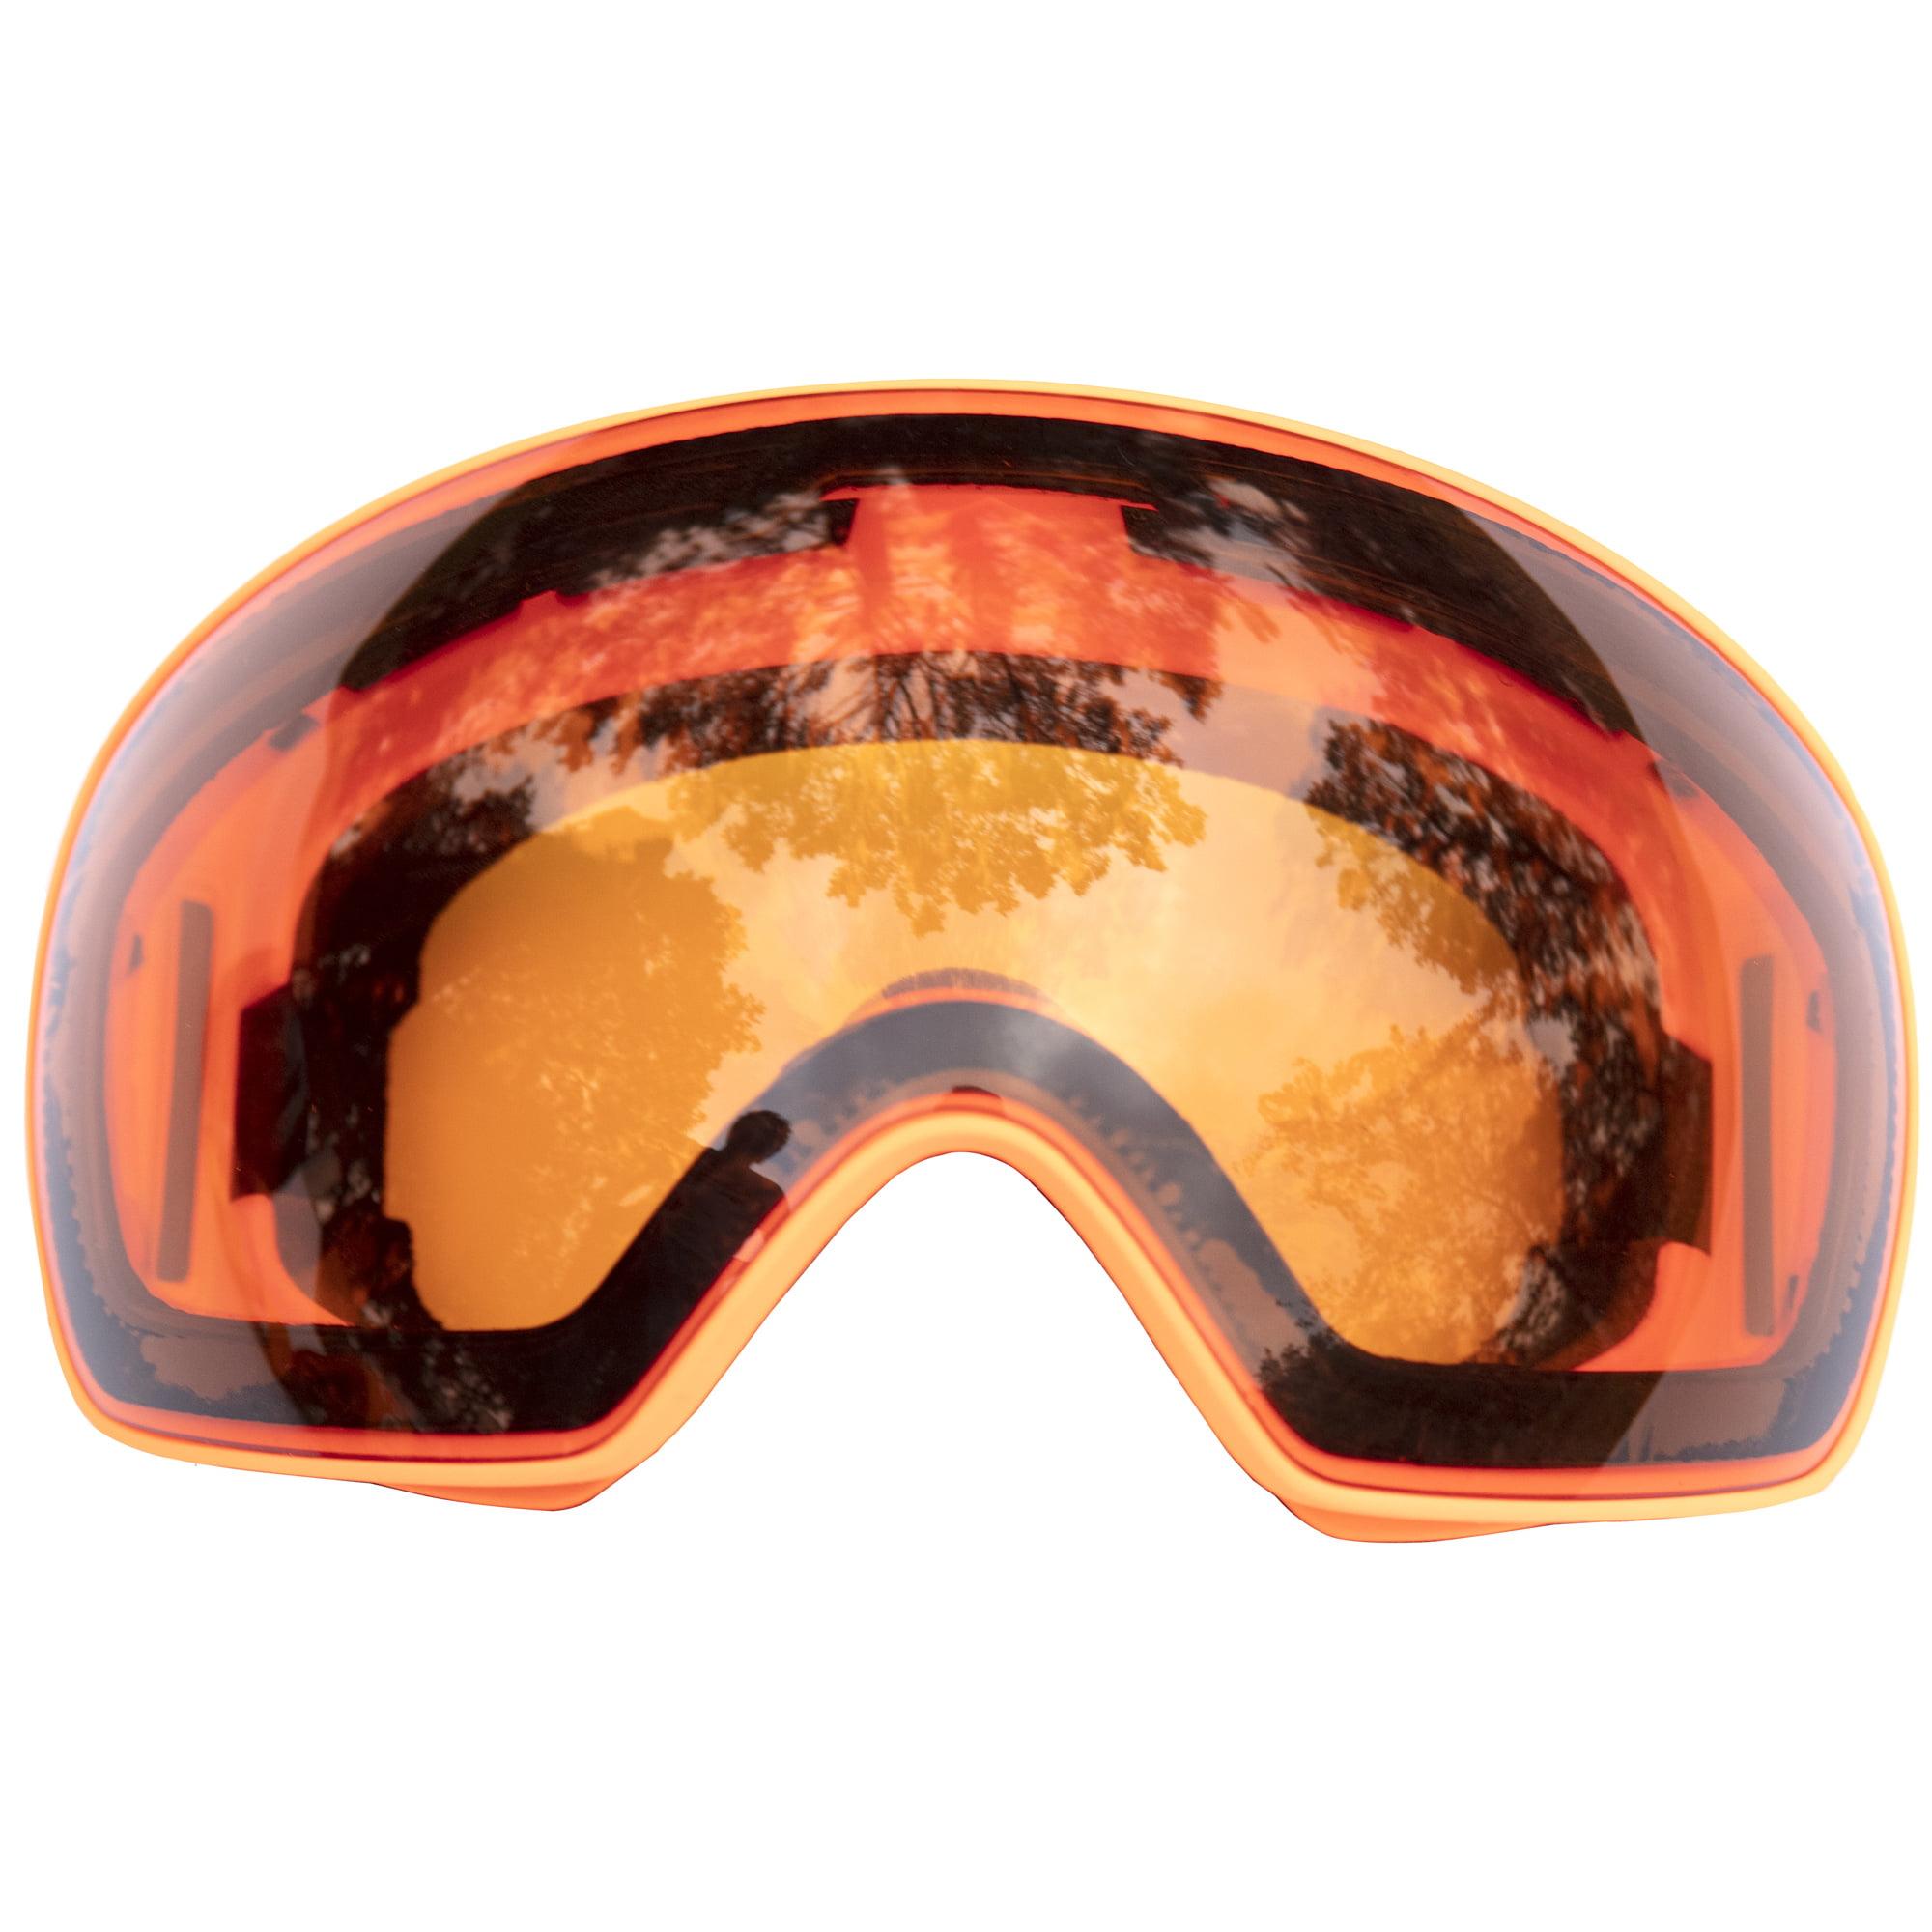 b275442627b0 C.F.GOGGLE Mens Ski